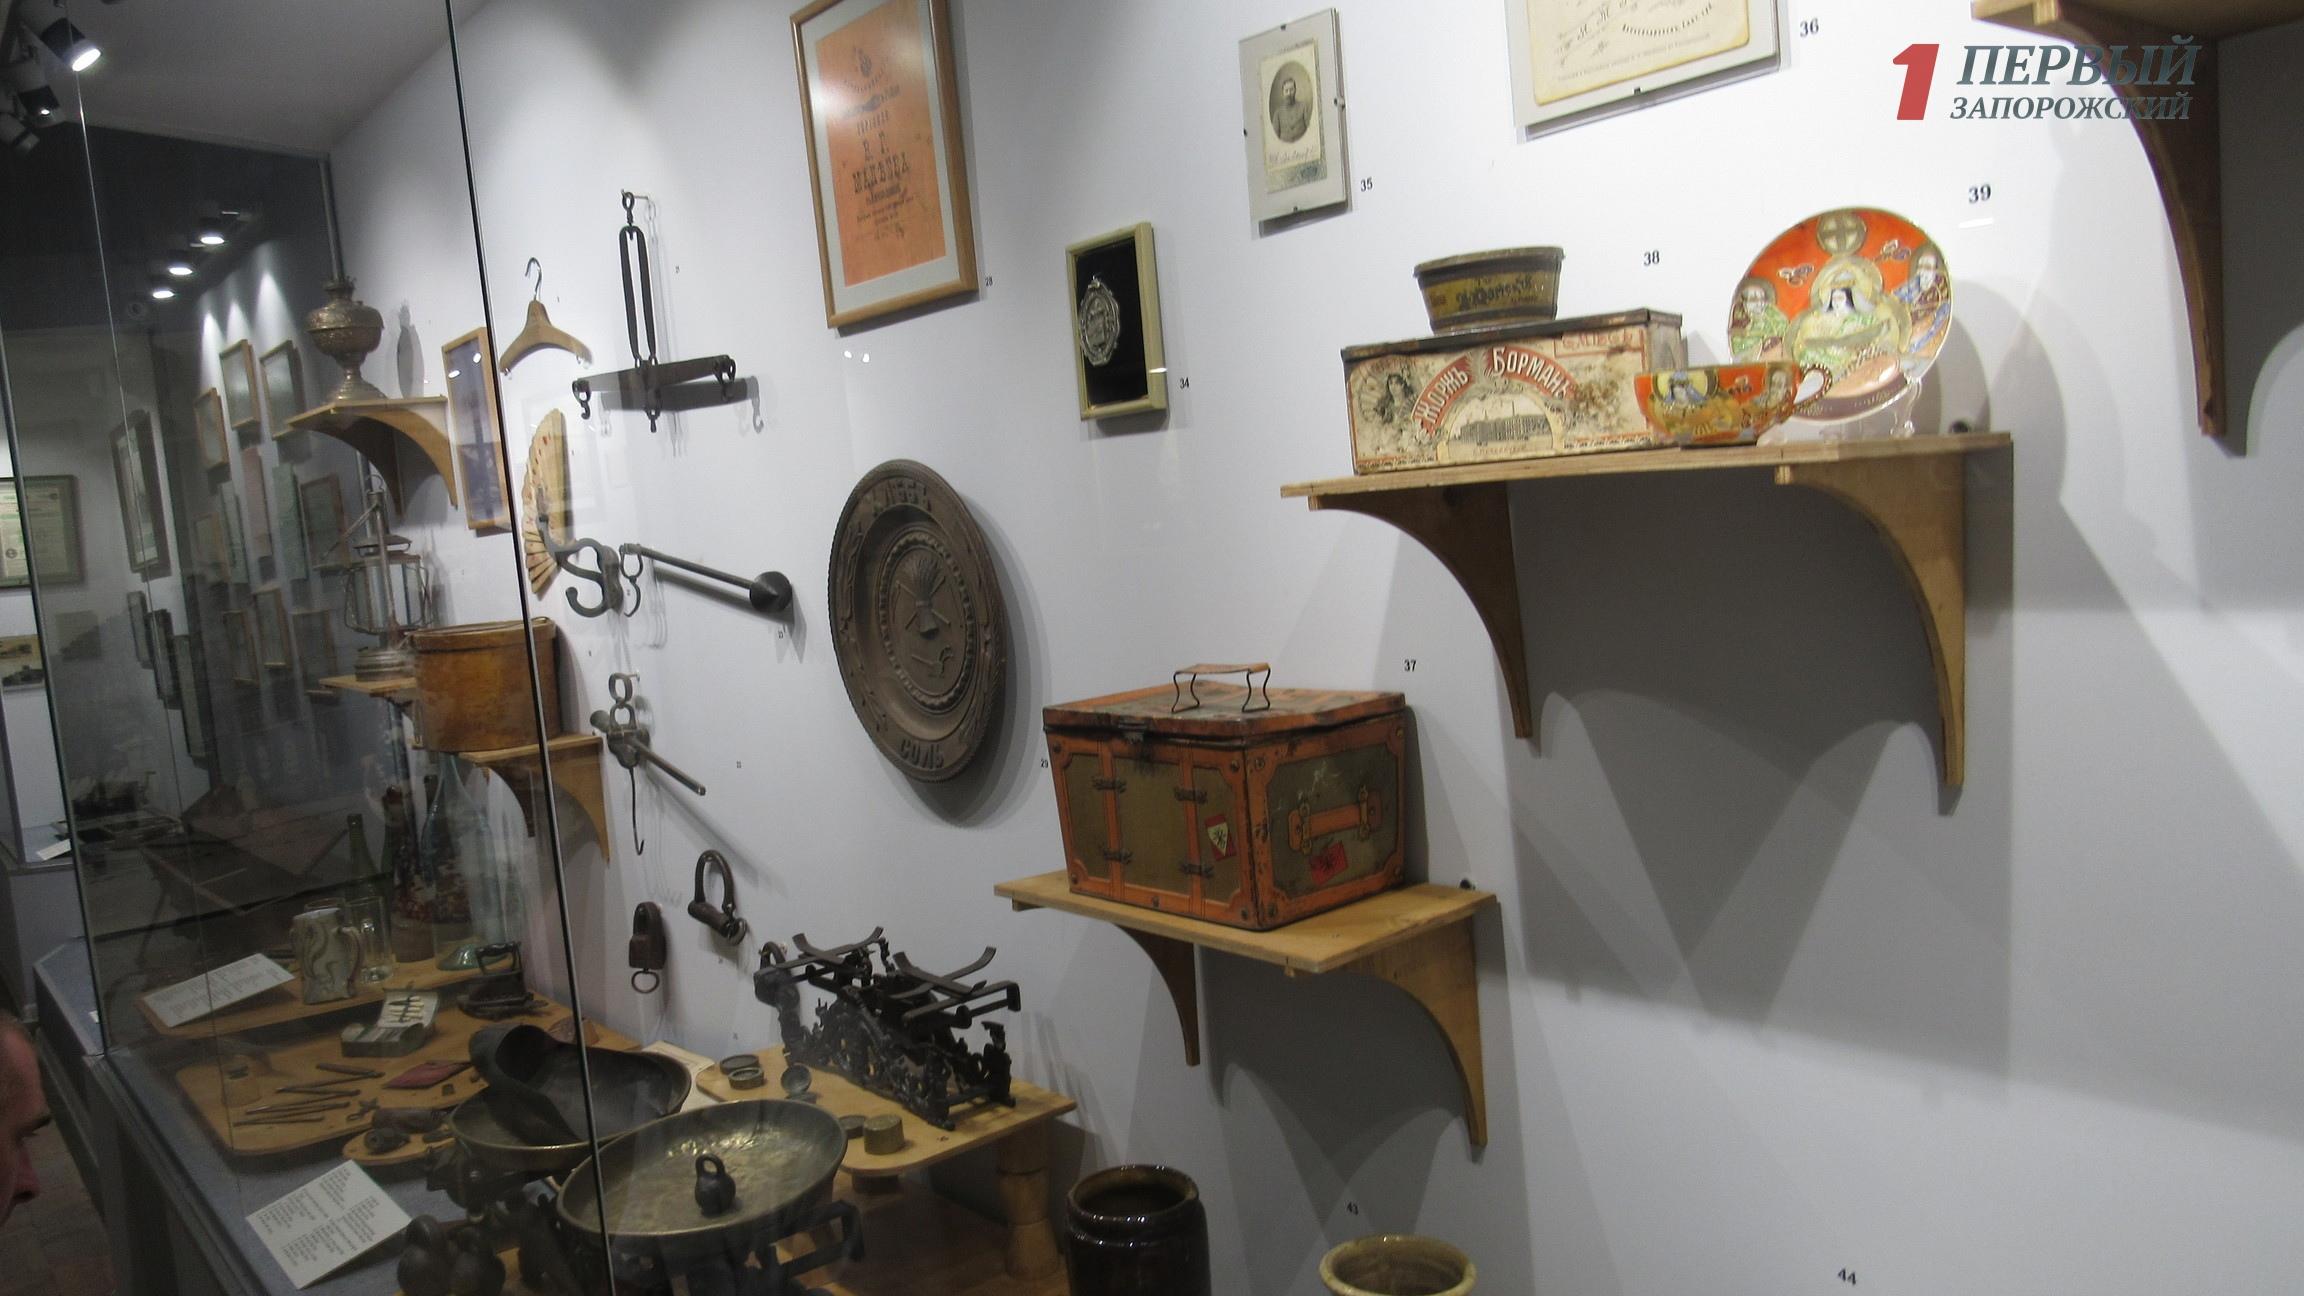 В краеведческом музее открылась уникальная выставка из 1500 экспонатов, которая рассказывают о быте запорожцев в прошлом веке - ФОТО